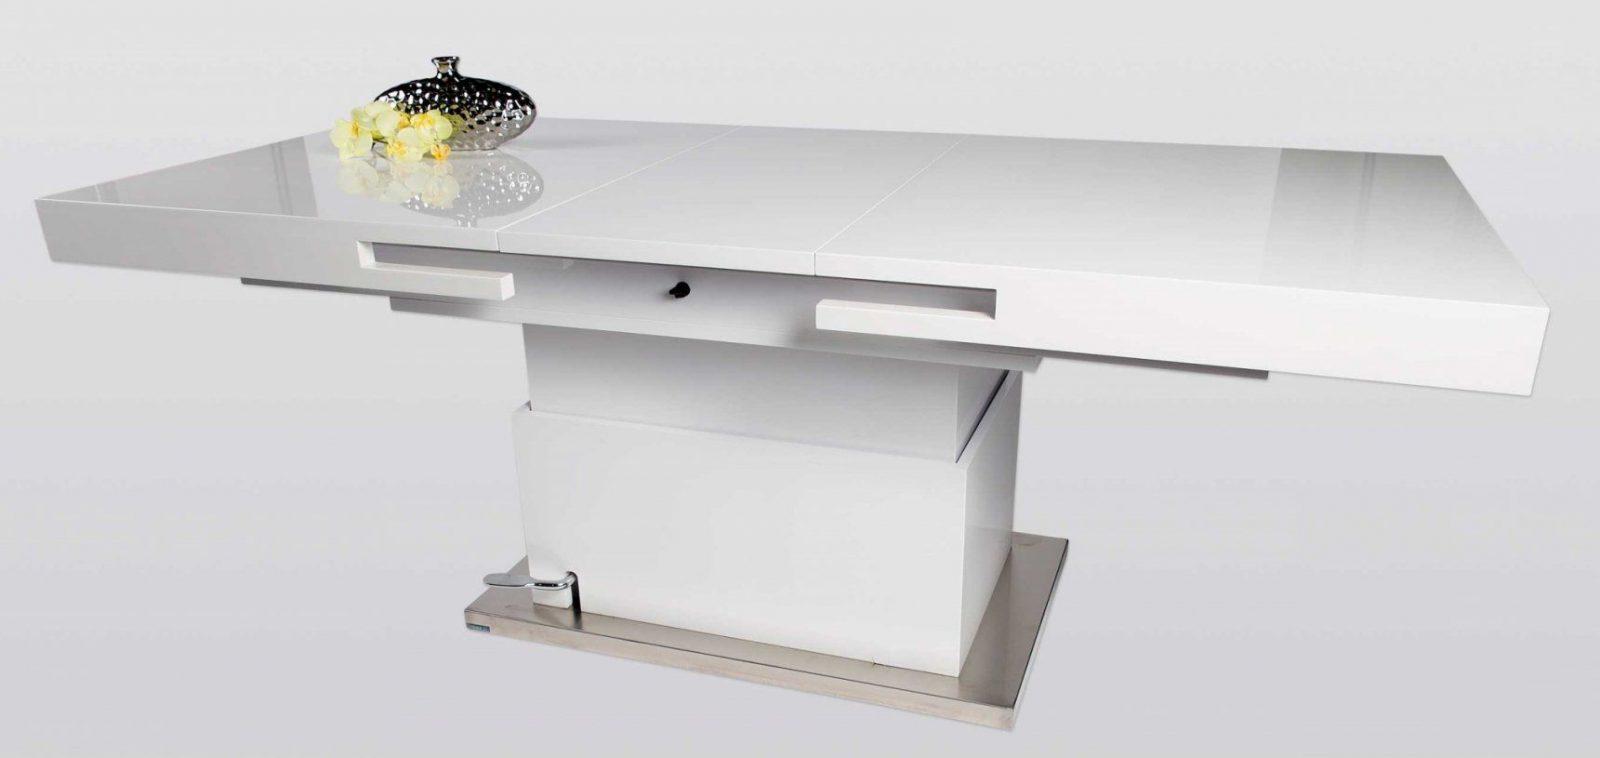 h henverstellbarer und ausziehbarer couchtisch dekoration. Black Bedroom Furniture Sets. Home Design Ideas